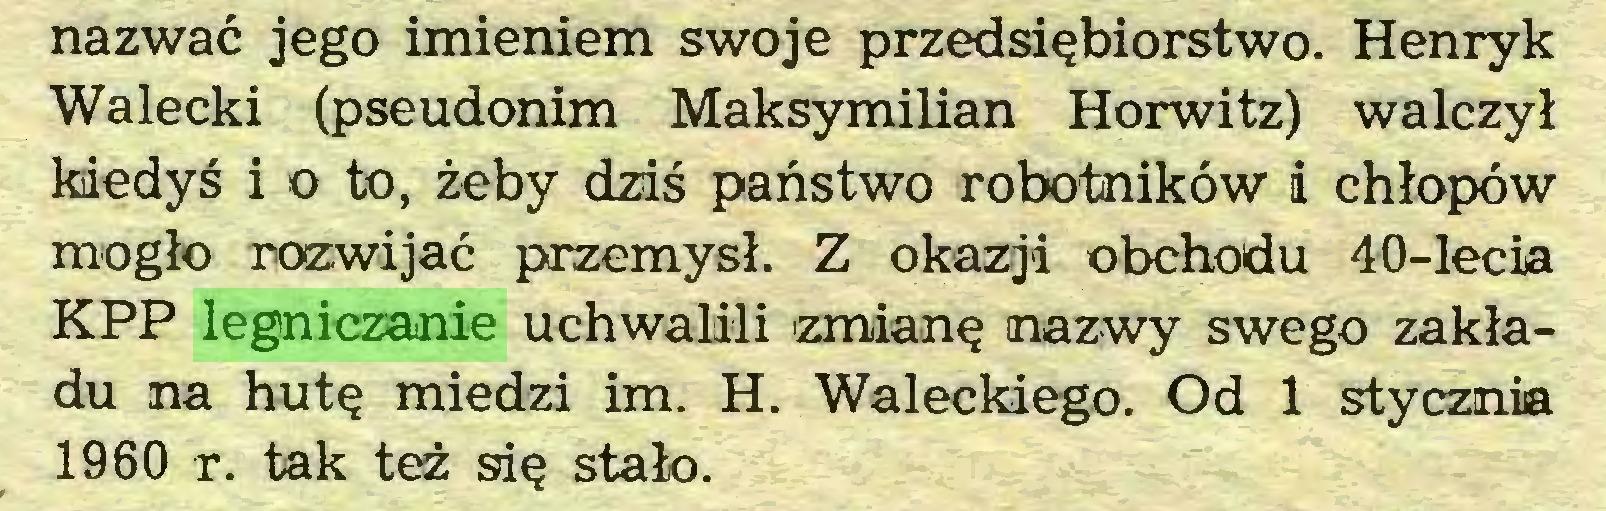 (...) nazwać jego imieniem swoje przedsiębiorstwo. Henryk Wałecki (pseudonim Maksymilian Horwitz) walczył kiedyś i o to, żeby dziś państwo robotników i chłopów mogło rozwijać przemysł. Z okazji obchodu 40-lecia KPP legniczanie uchwalili zmianę nazwy swego zakładu na hutę miedzi im. H. Wałeckiego. Od 1 stycznia 1960 r. tak też się stało...